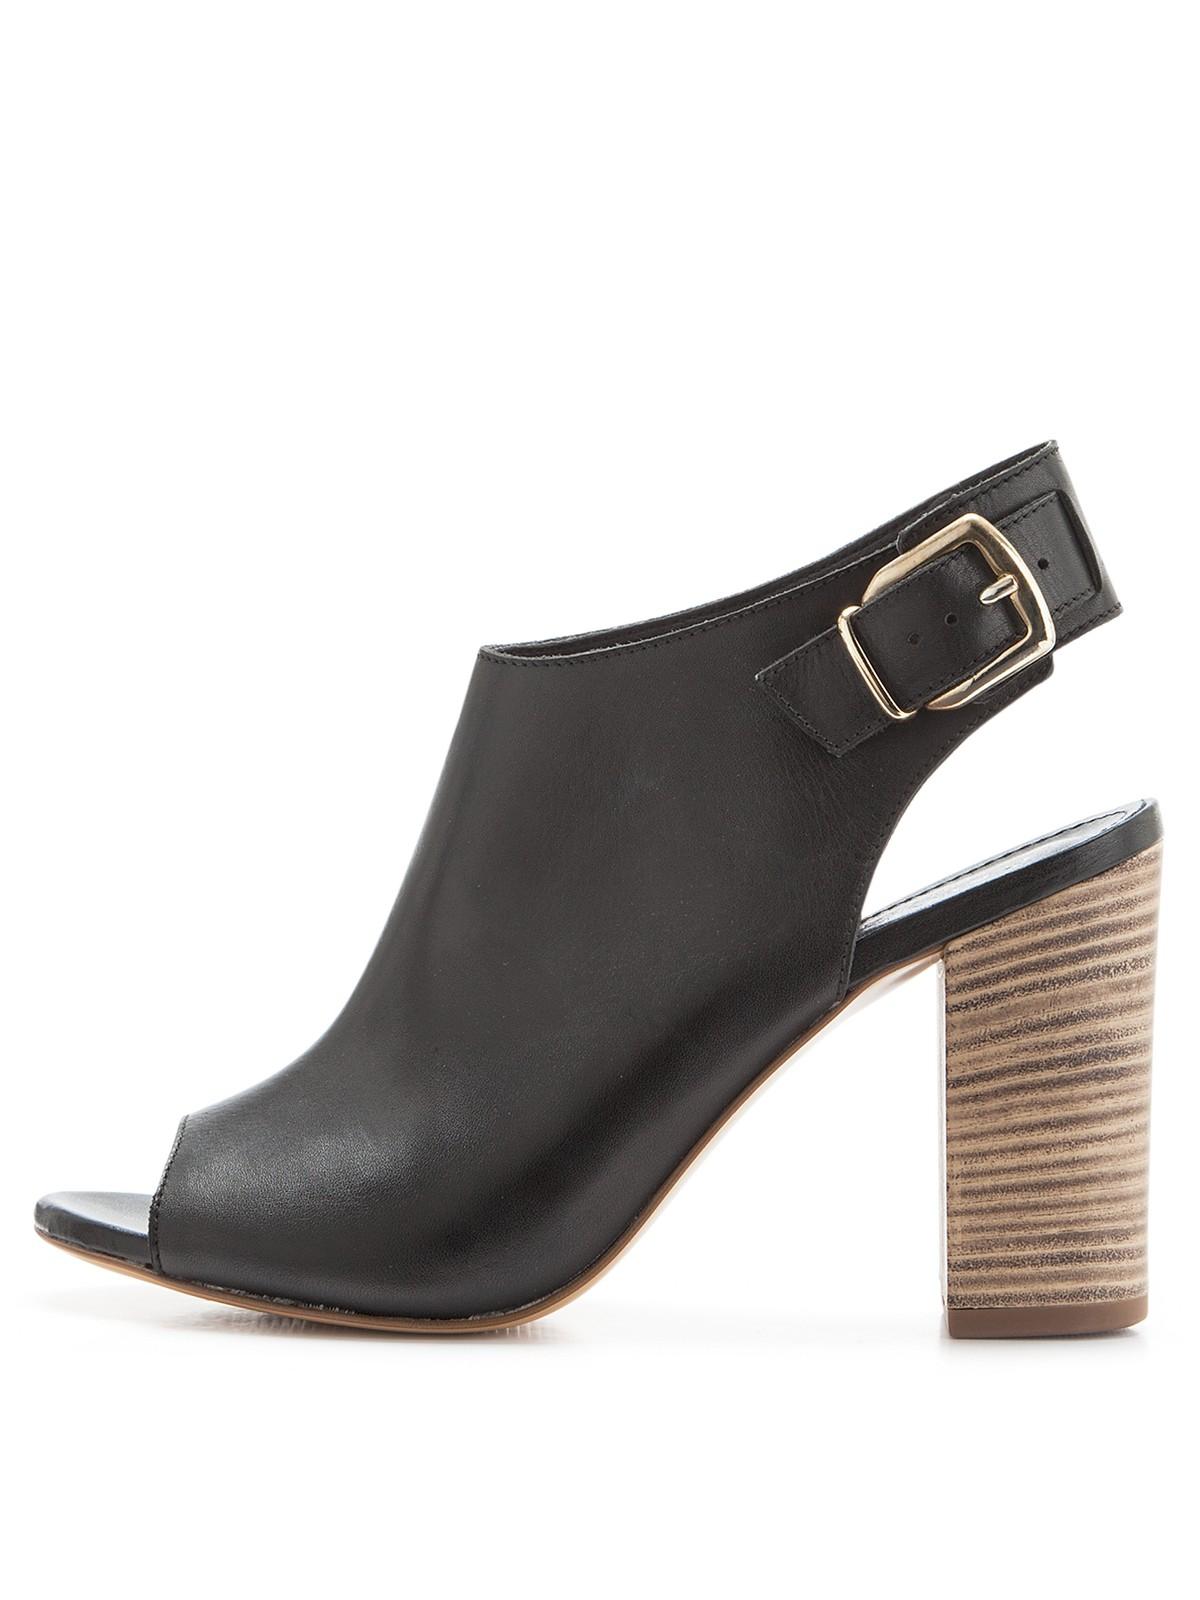 carvela kurt geiger asset leather shoe boots in black